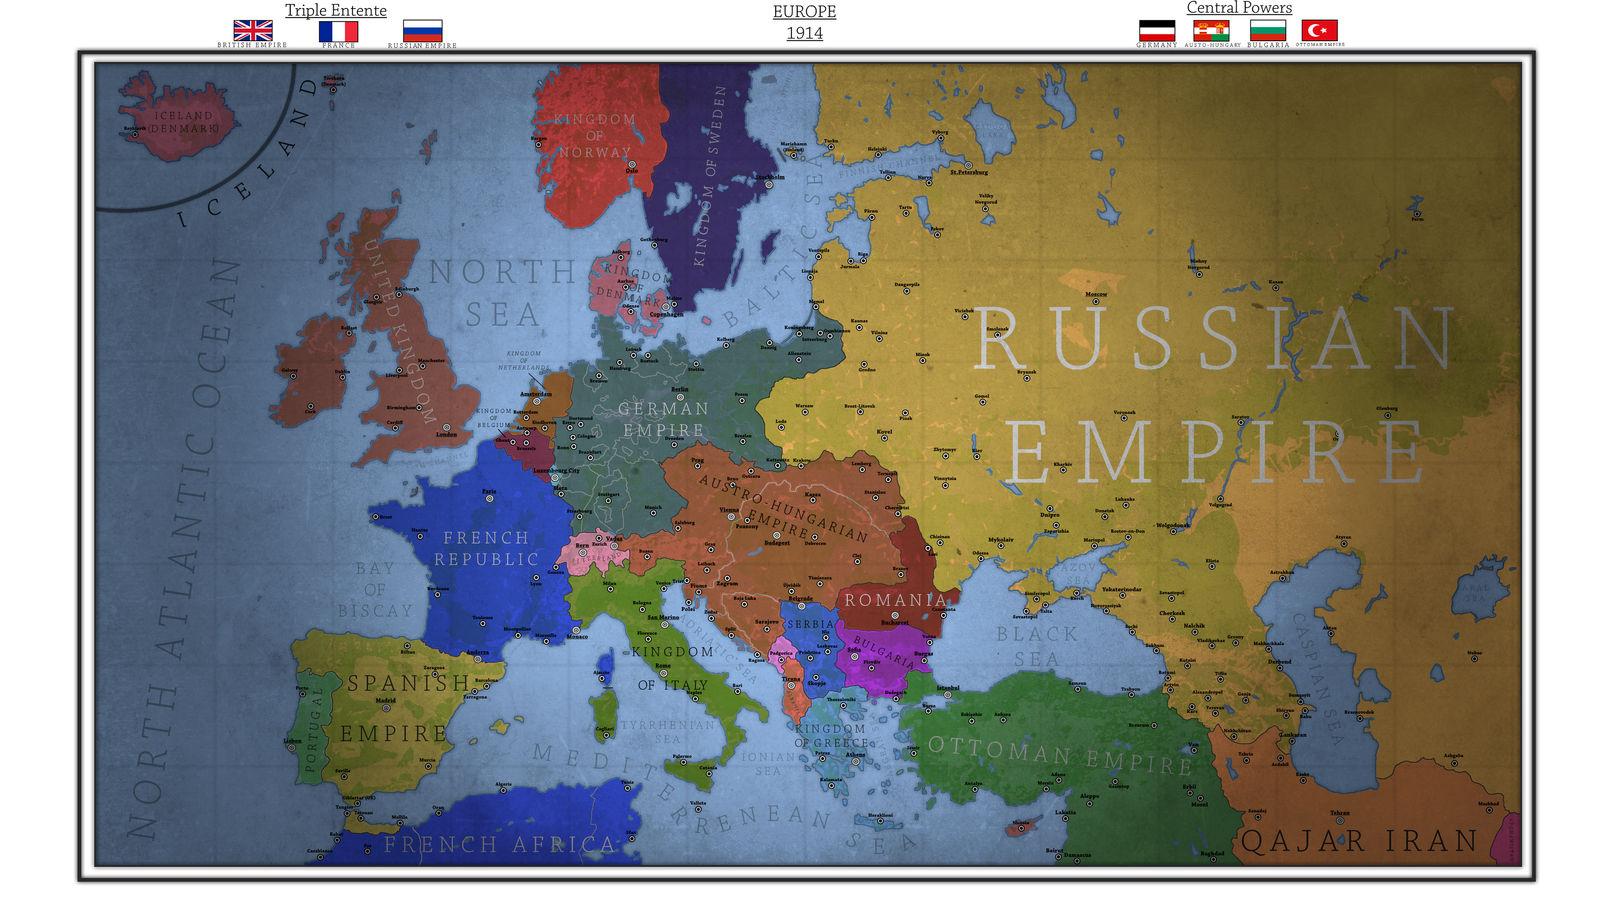 Pre World War 1 Europe Map.Map Of Europe In 1914 Pre World War I By Breakingerr On Deviantart